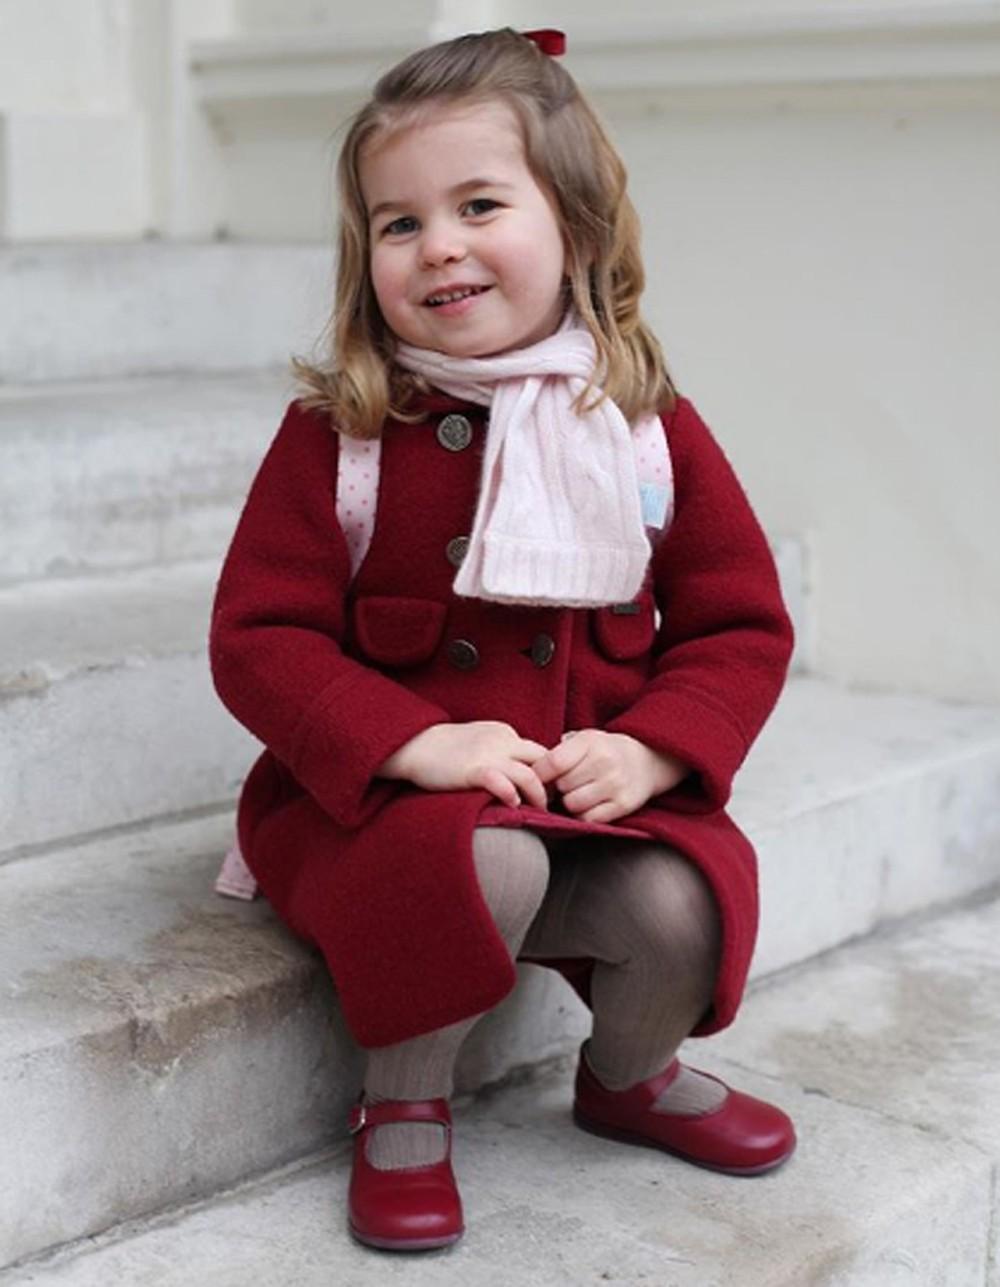 Princesa Charlotte vai à creche pela 1ª vez em 2018